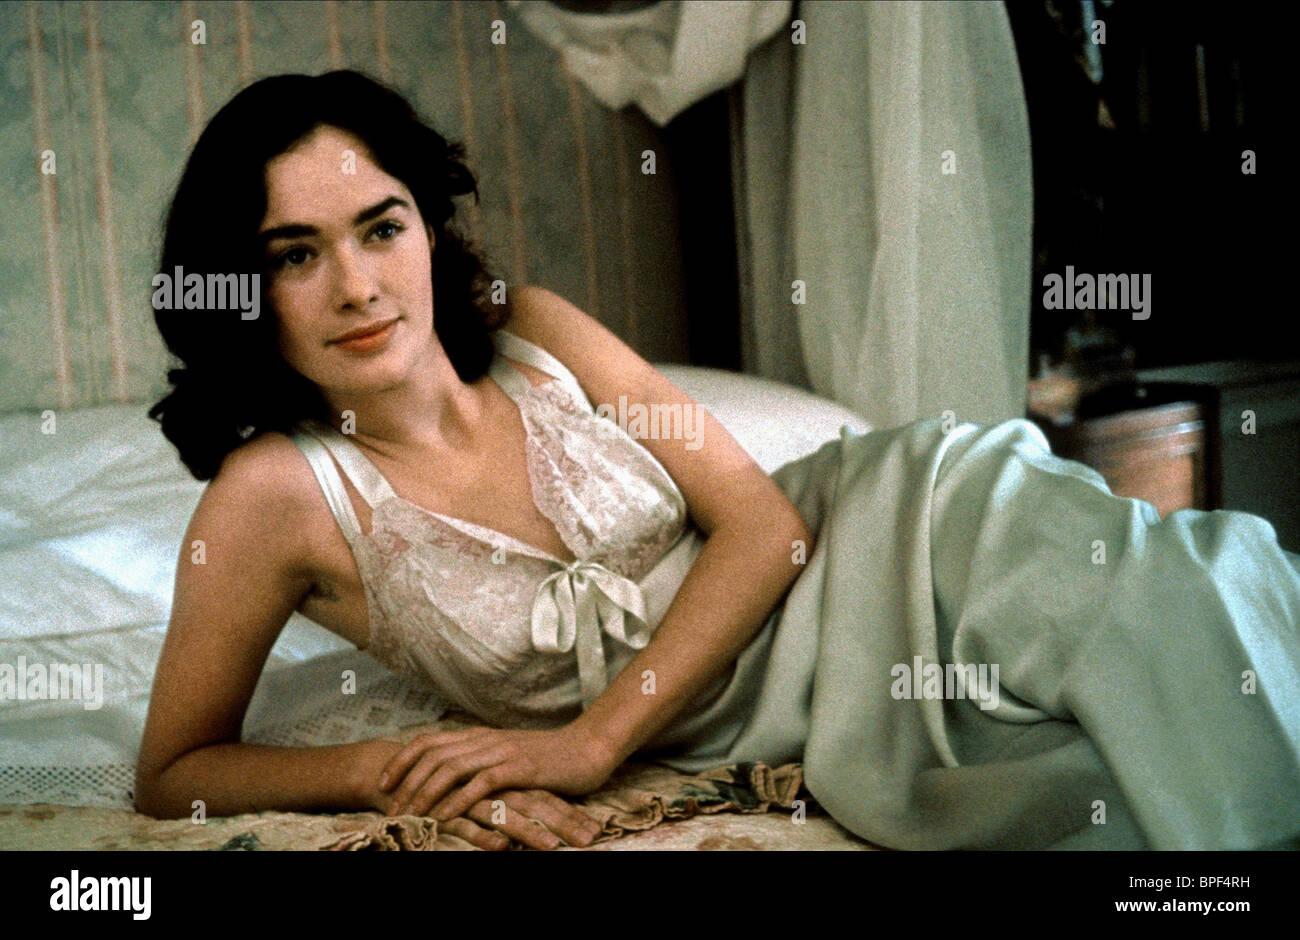 LENA HEADEY THE GROTESQUE (1995) - Stock Image